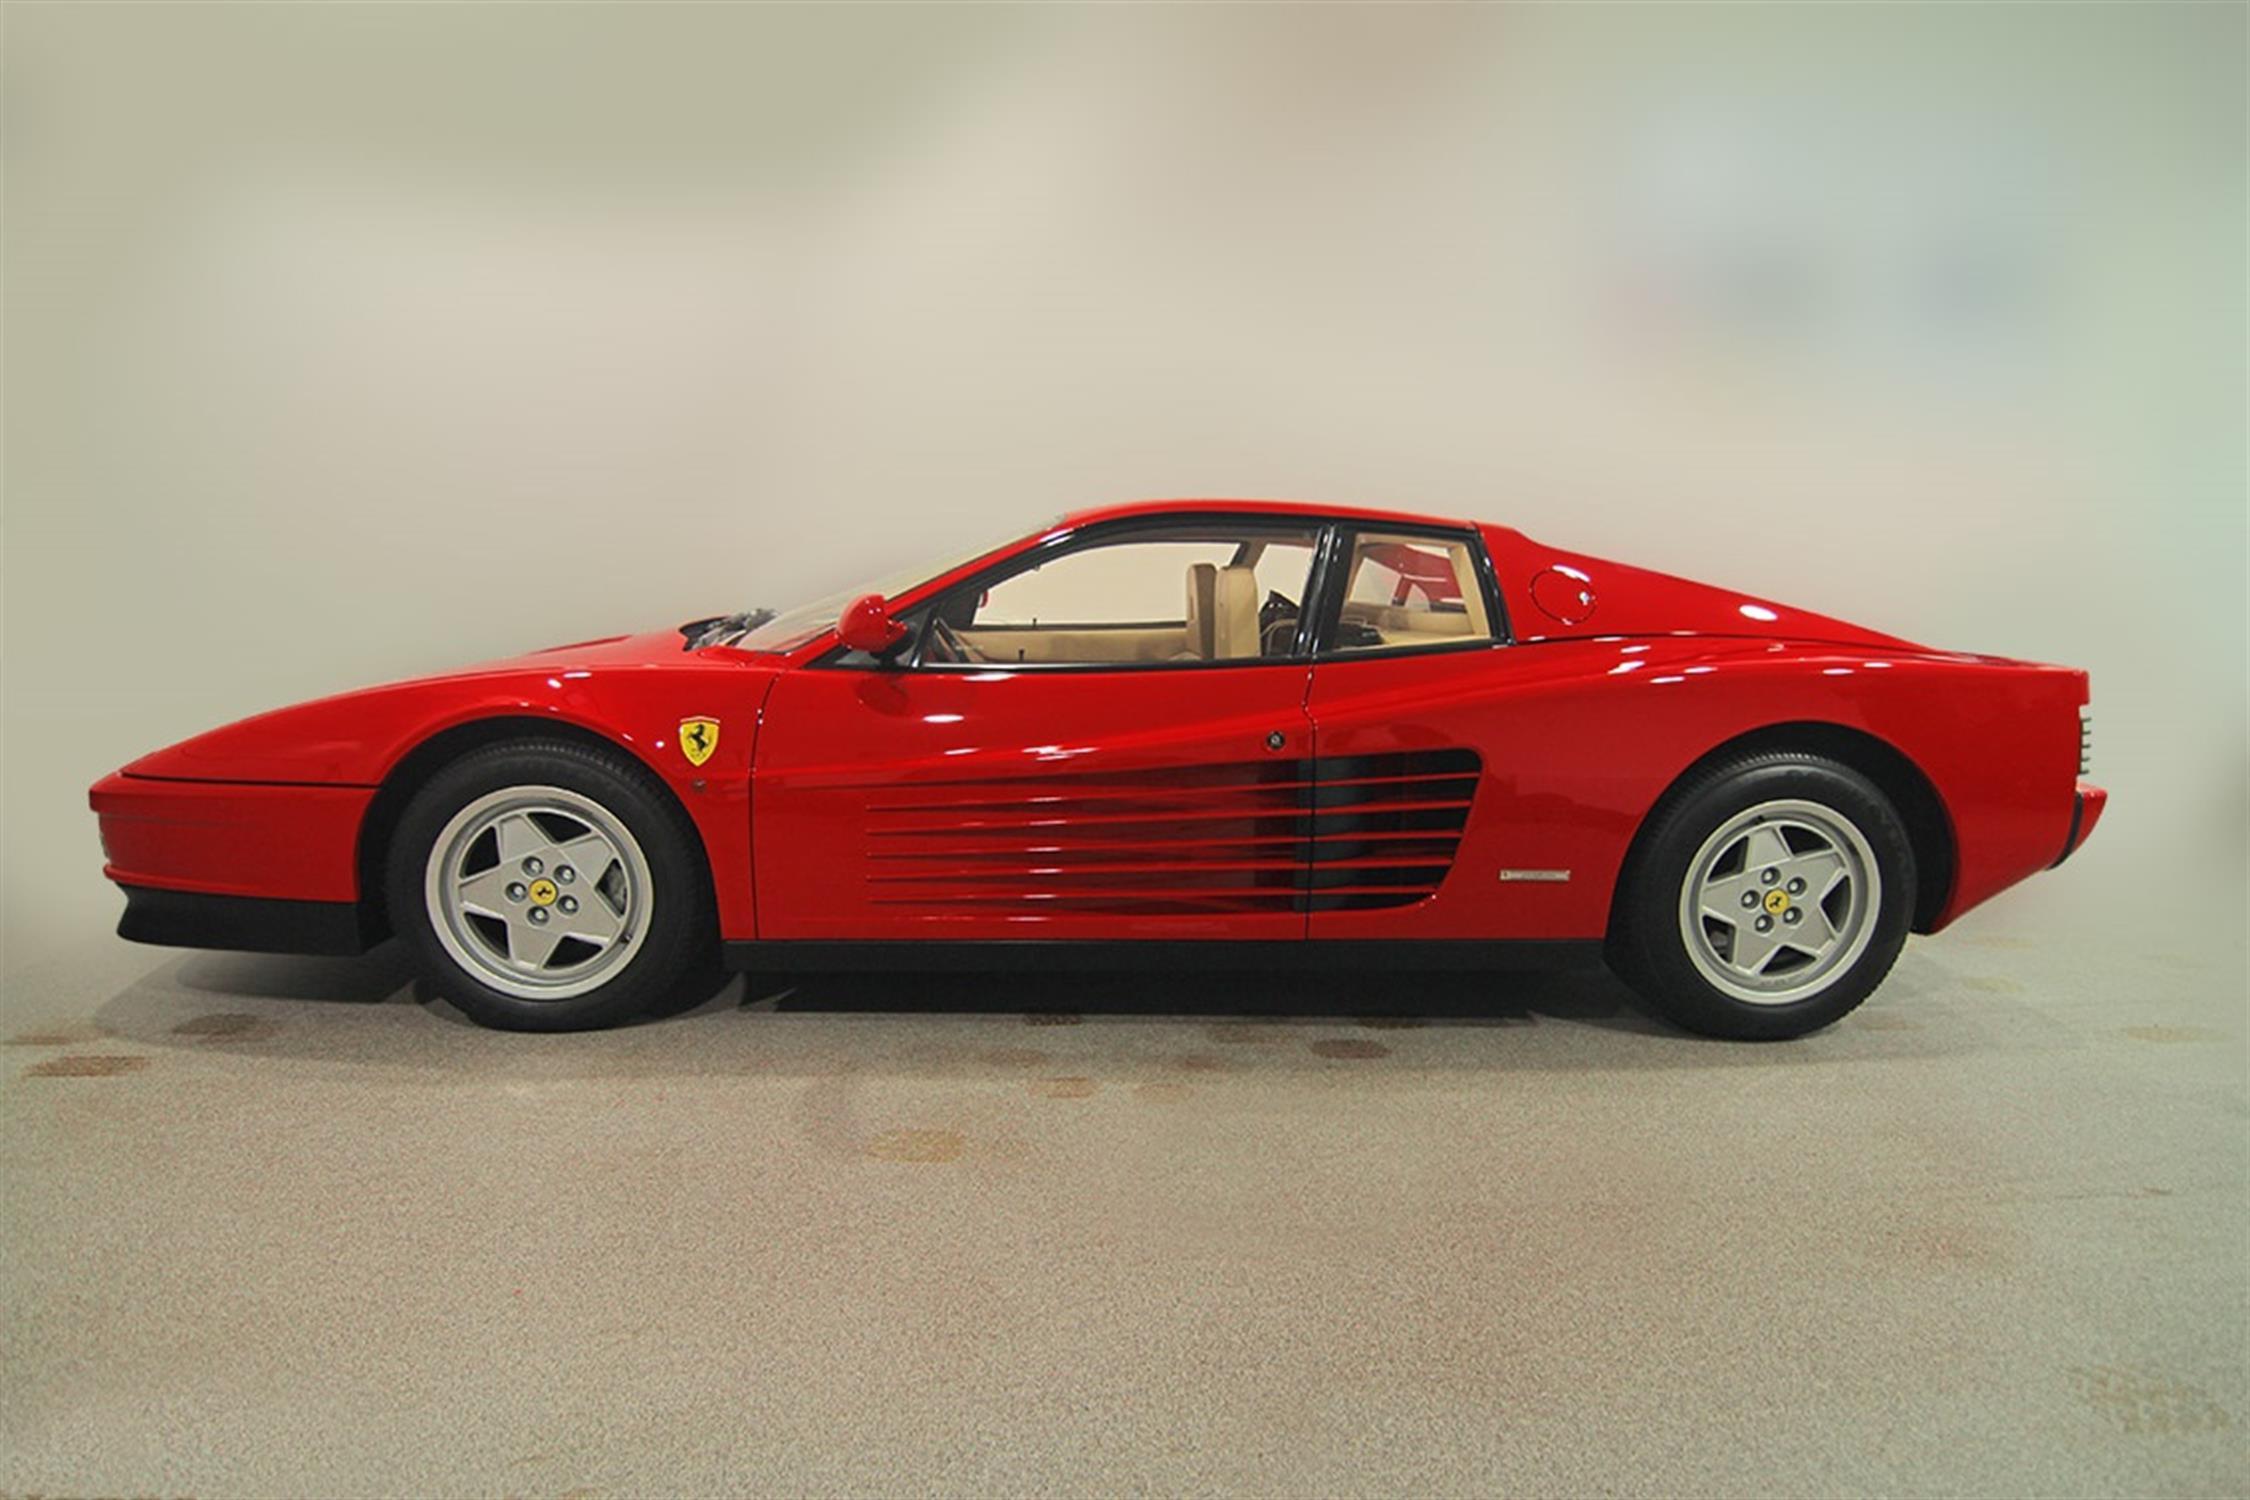 1991 Ferrari Testarossa - 1,829 Kilometres From New & Classiche'd - Image 2 of 15